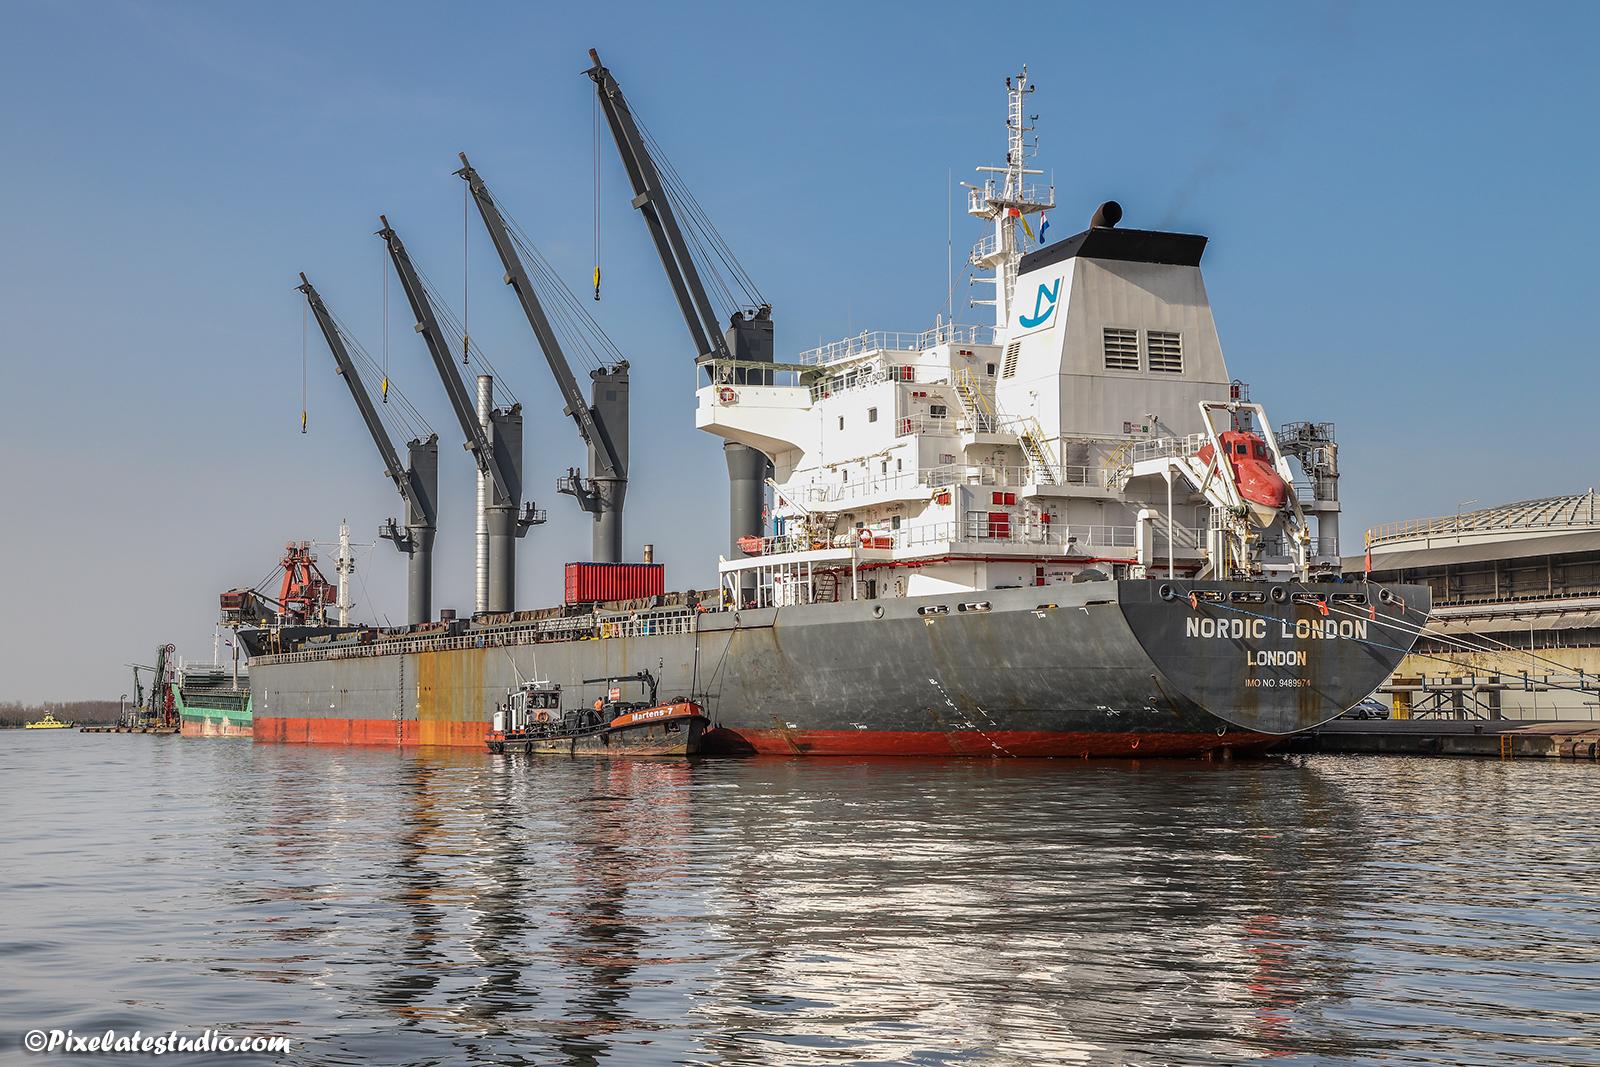 mooie foto van vrachtschip met spiegeling dat in de haven word bevoorraad door een bunkerbootje